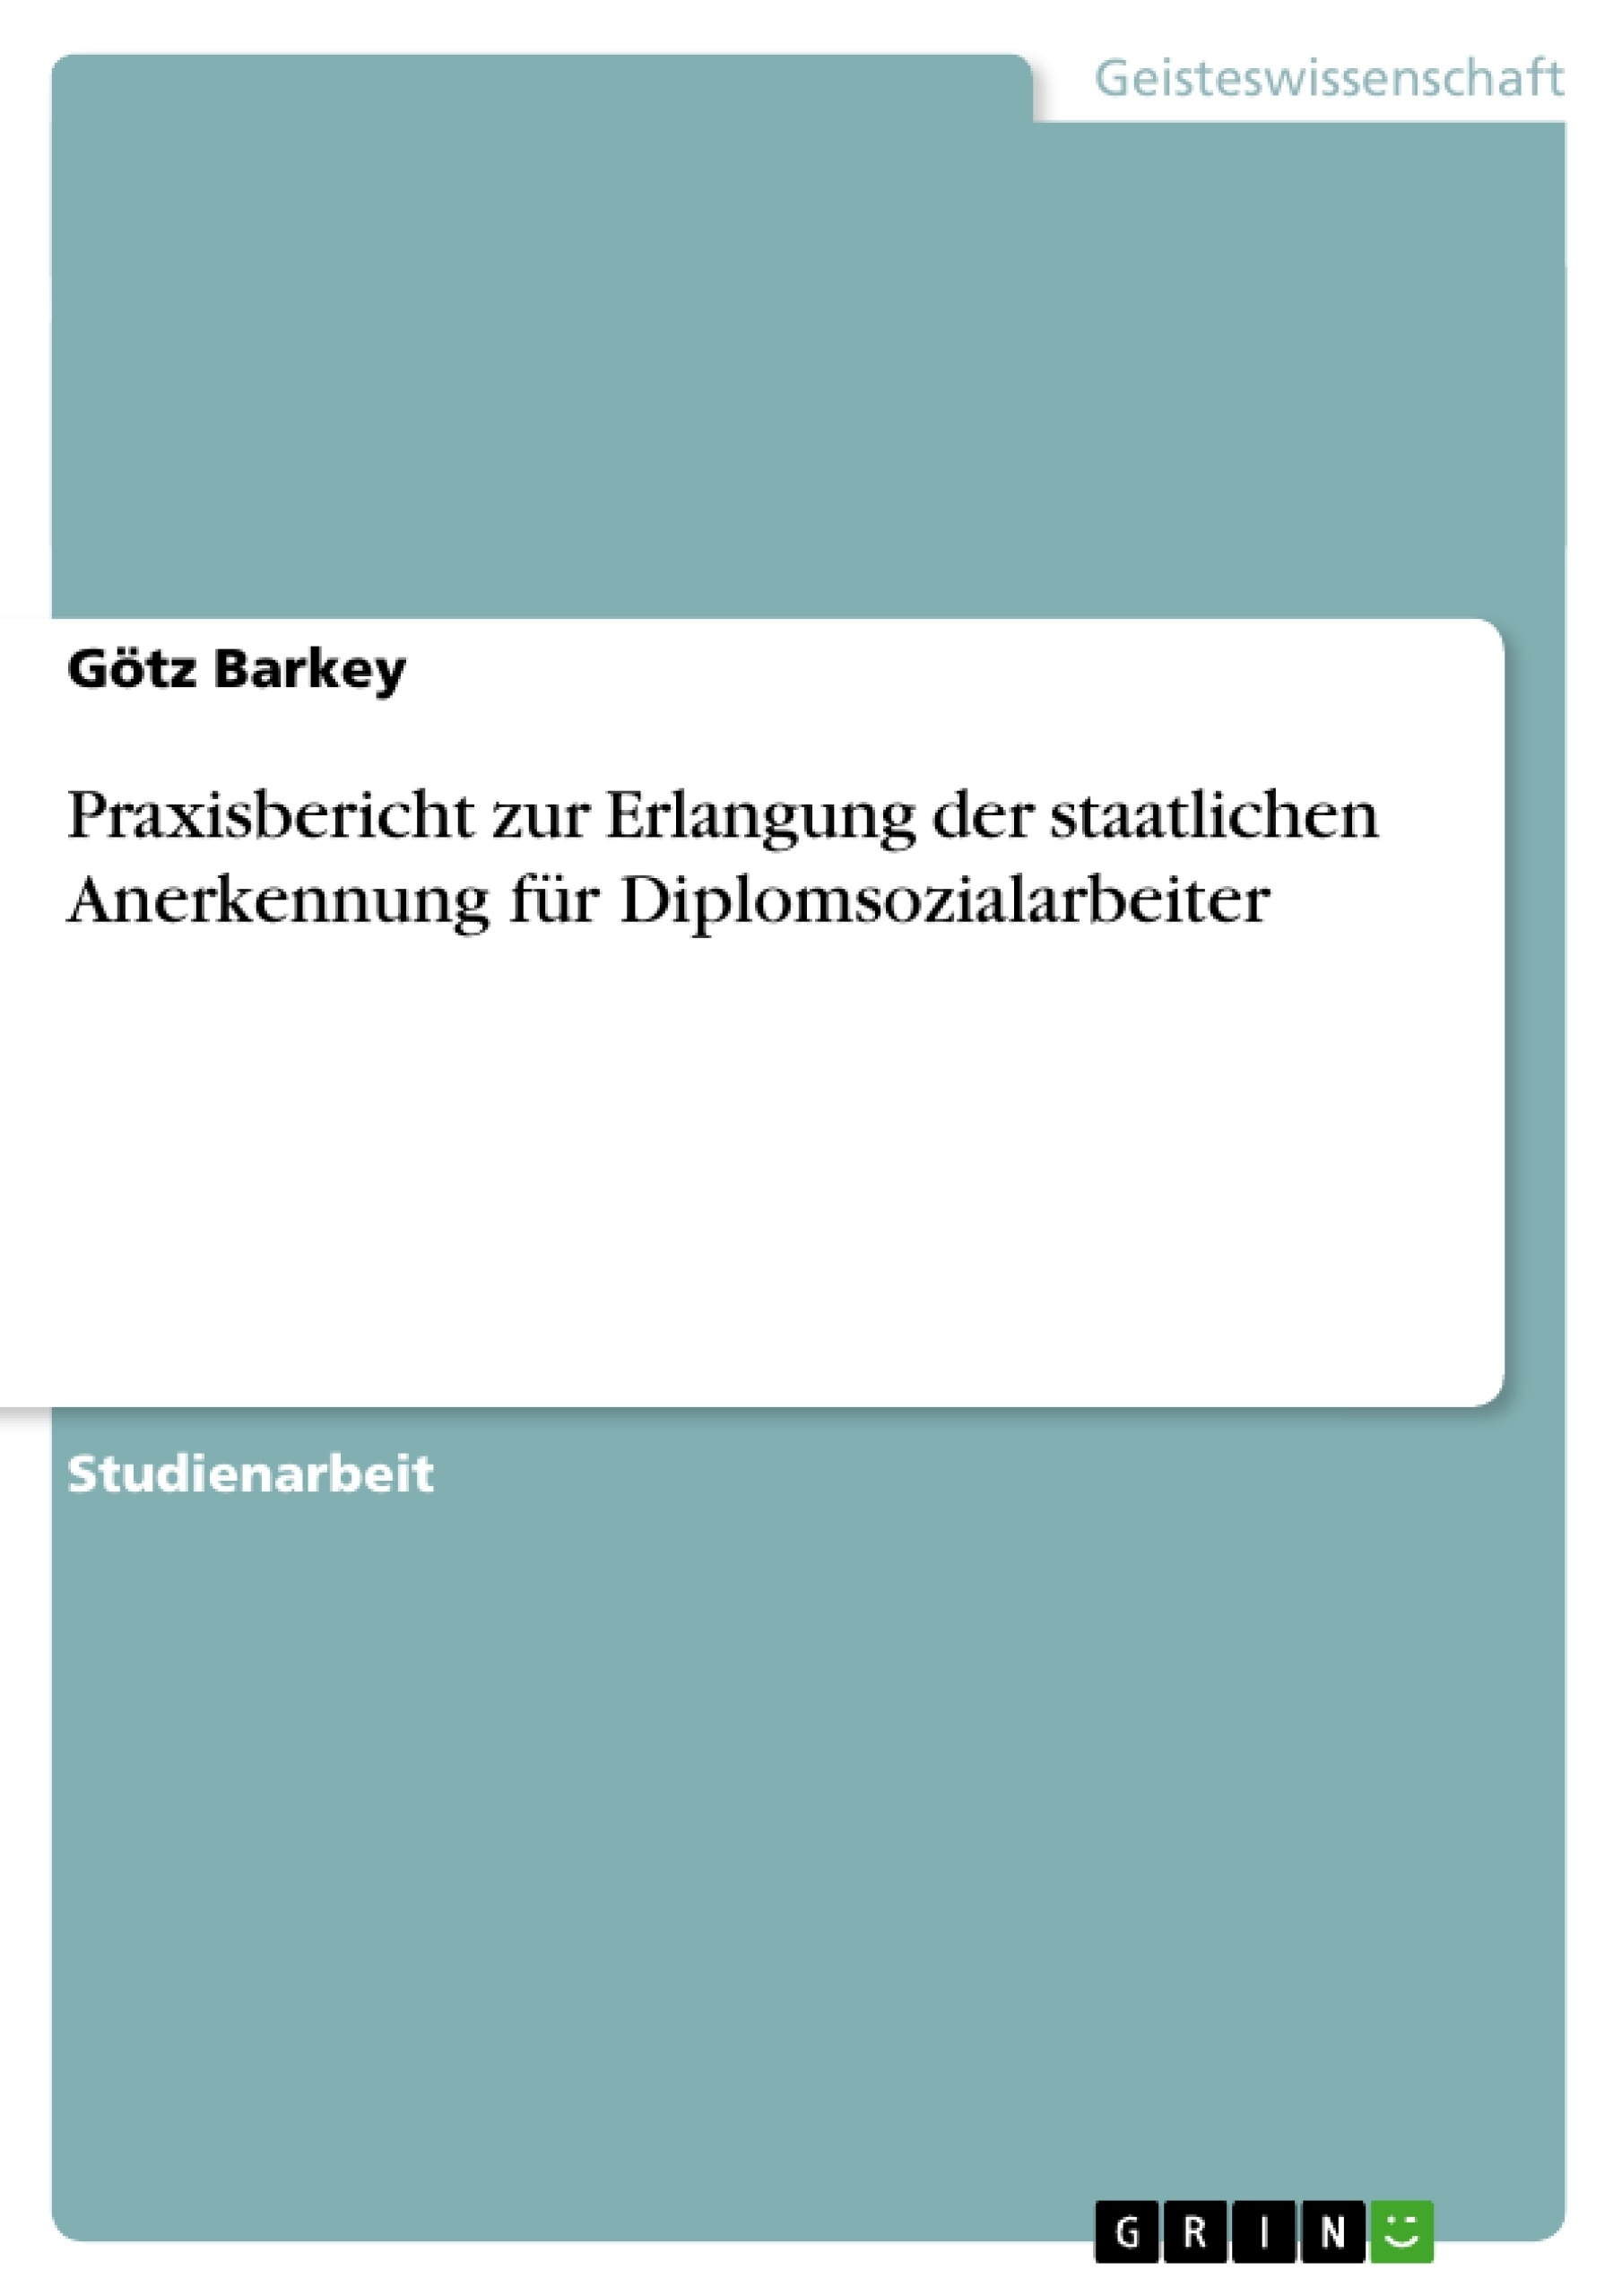 Titel: Praxisbericht zur Erlangung der staatlichen Anerkennung für Diplomsozialarbeiter